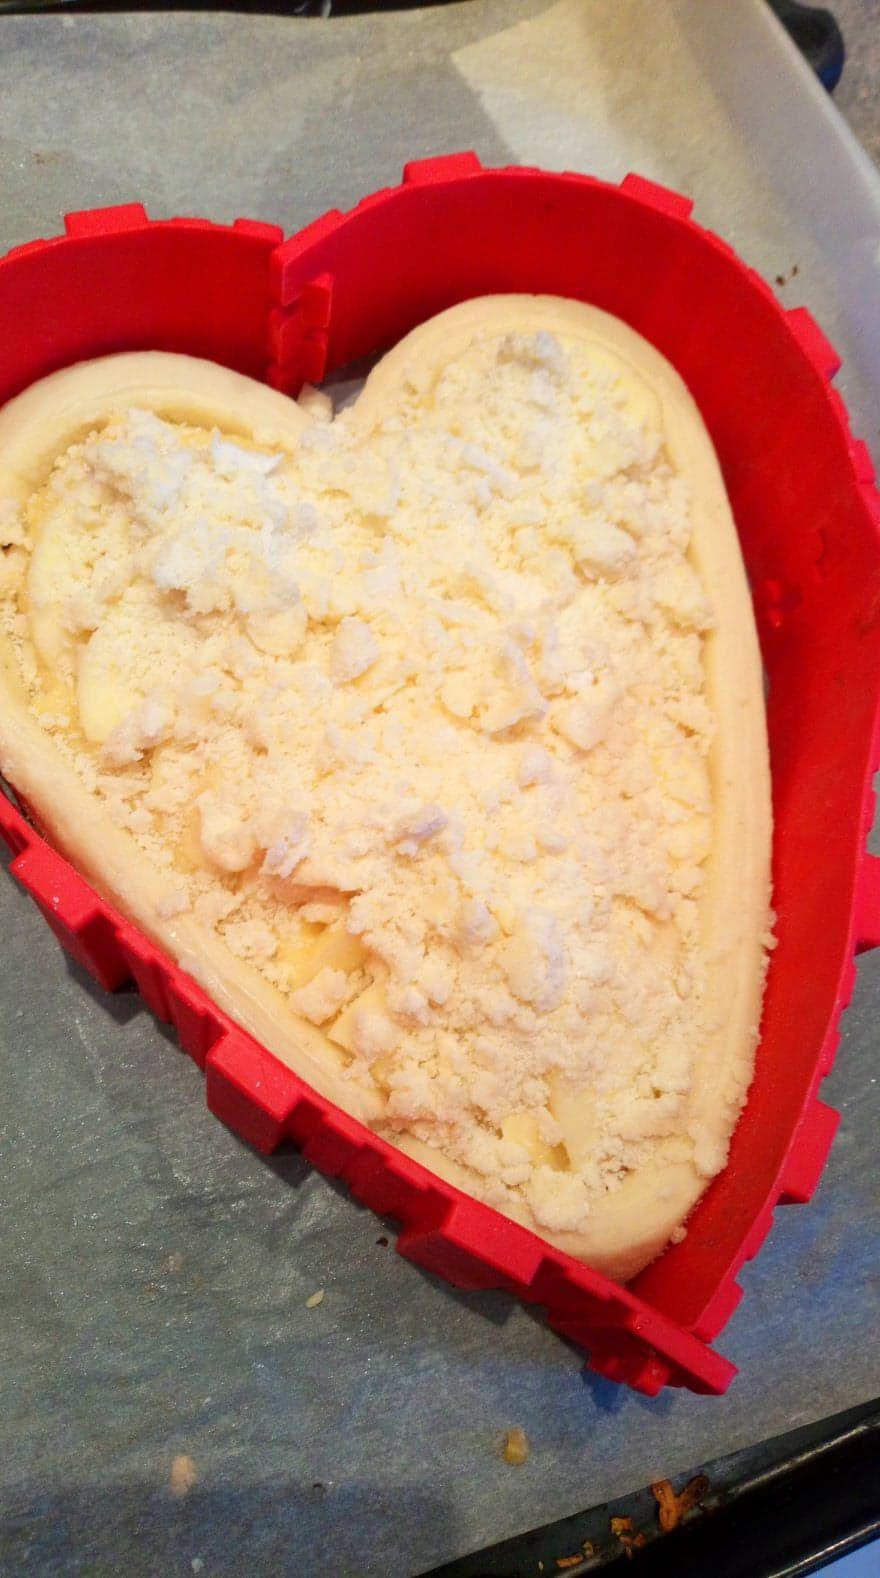 Voici le gâteau pour thème la saint valentin, pour moi c'est surtout le gâteau pour les gens qui me sont très chers , car évidement pas besoin d'une journée pour dire aux personnes qu'on les aime. Mais l'idée de gourmandiser pour cette raison , ça c'est cool !!!